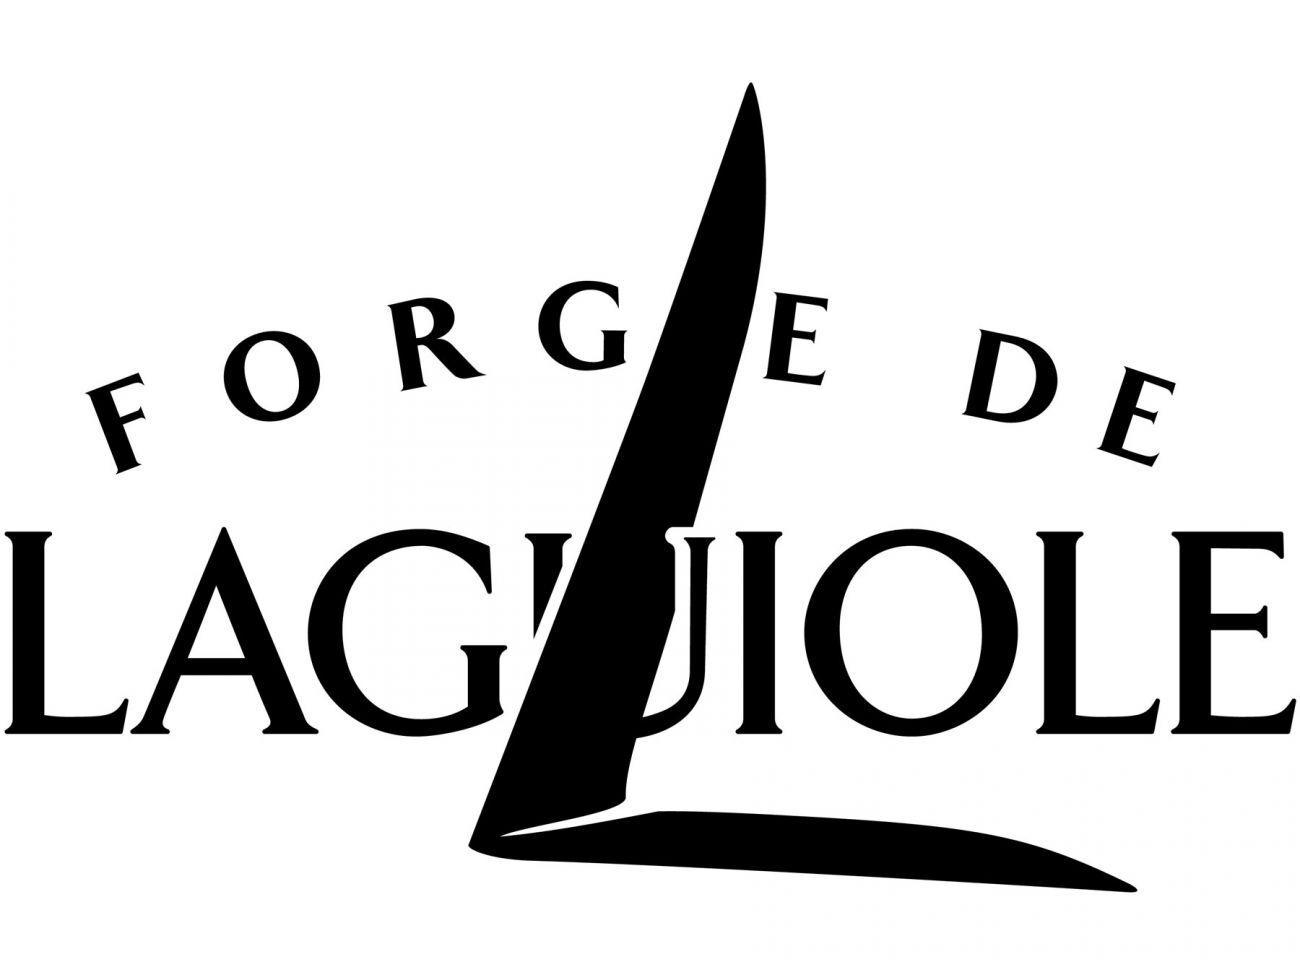 Forge de Laguiole Messer Taschenmesser 11 11 Taschenmesser cm Holzgriff Mooreiche 1011F BRI 70c354